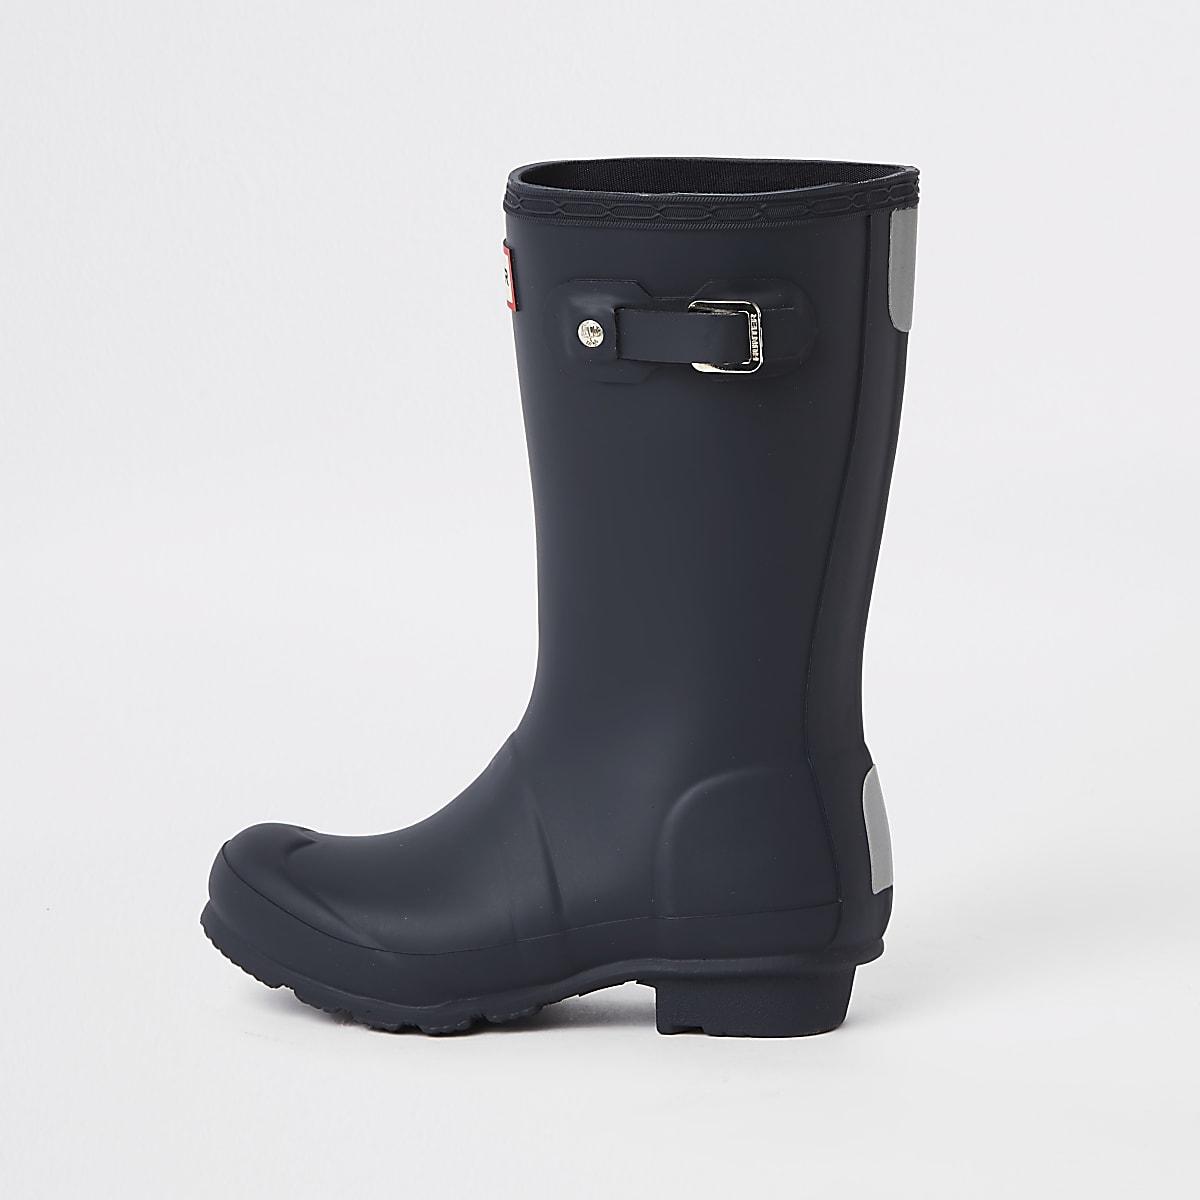 Kids Hunter Original navy rubber boots